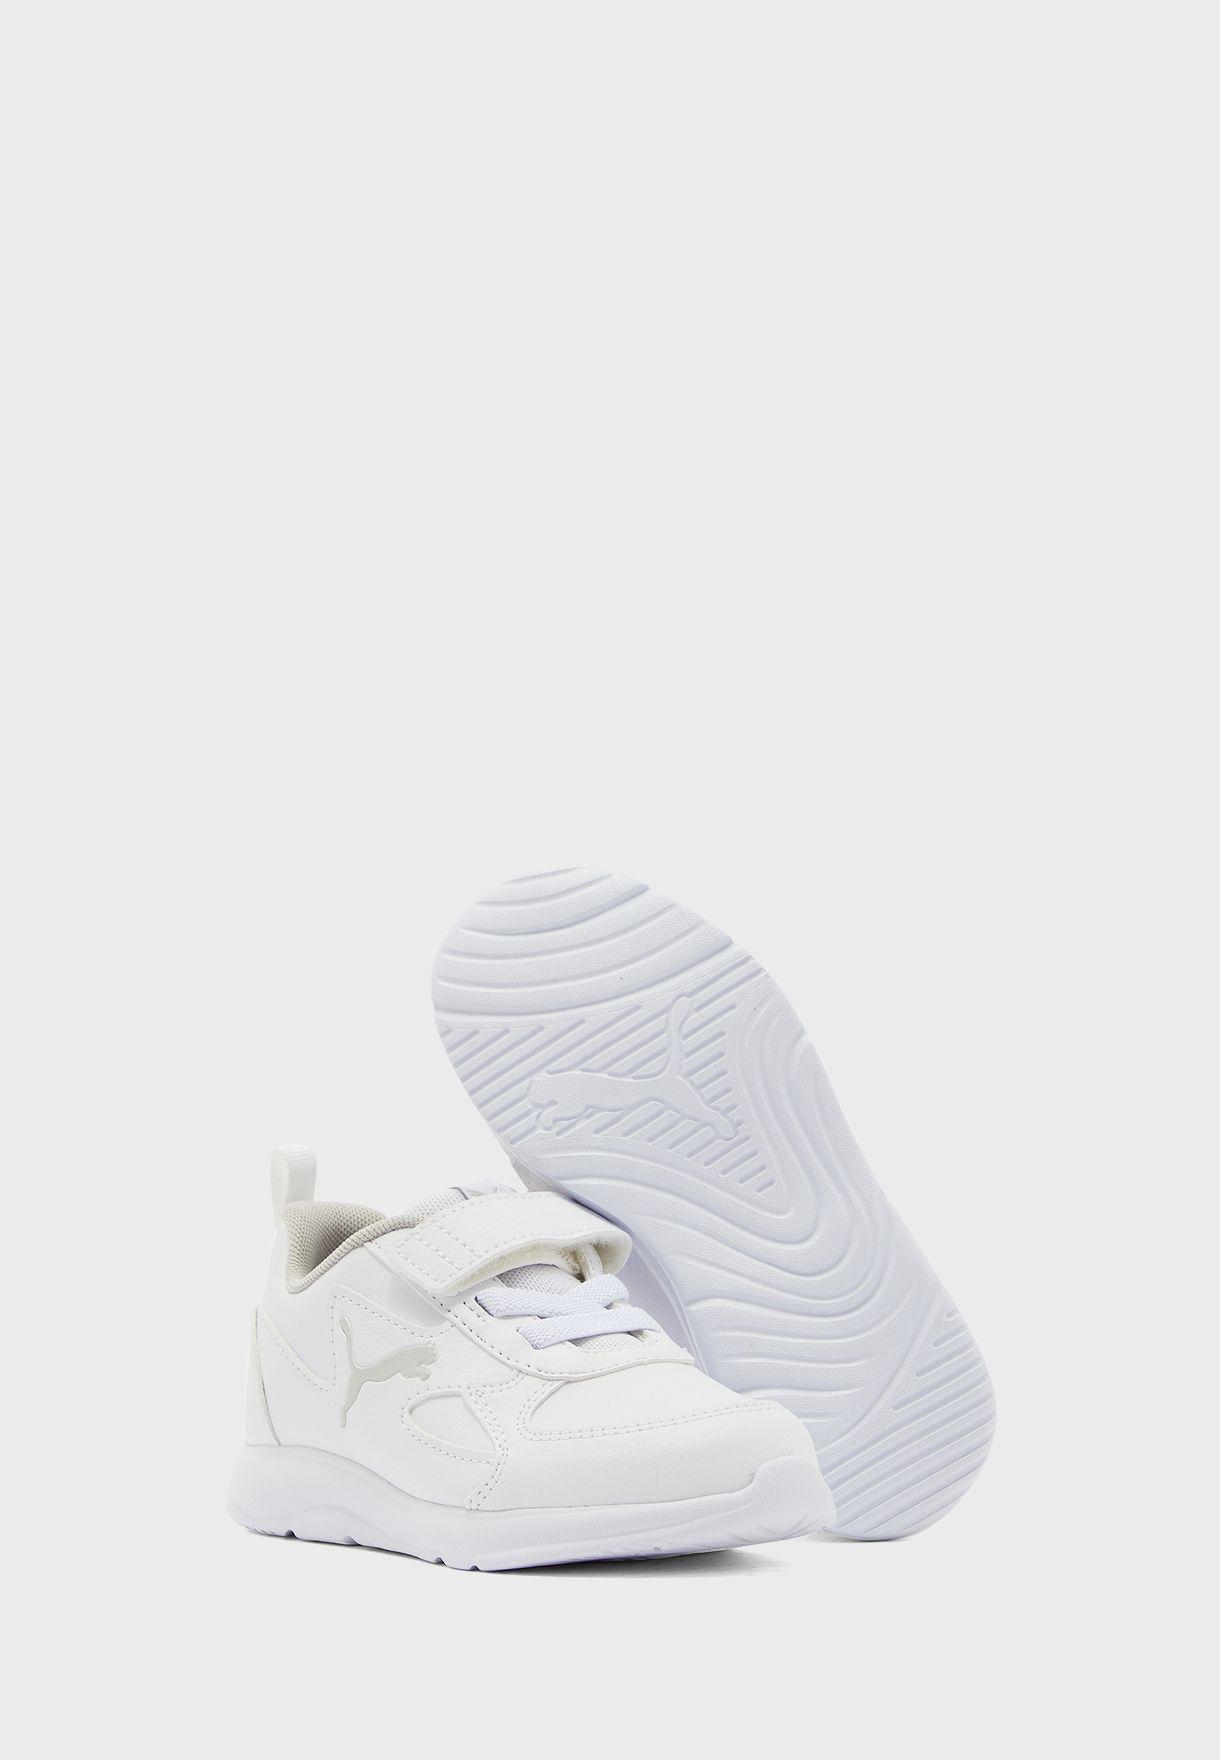 حذاء رن ريسر اس ال ايه سي